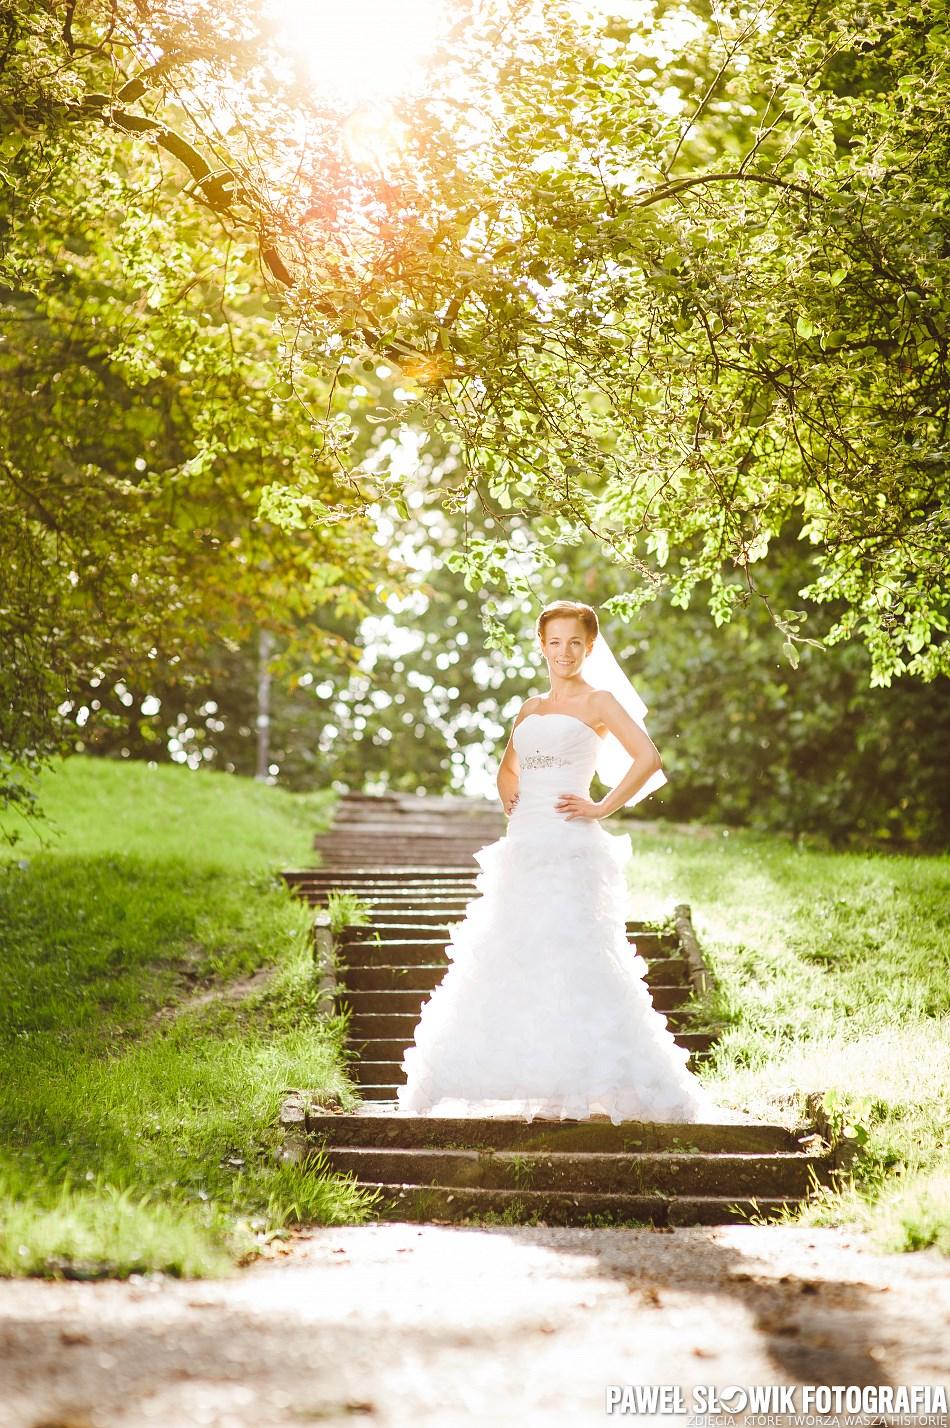 Park Rydza Śmigłego Sesja poślubna